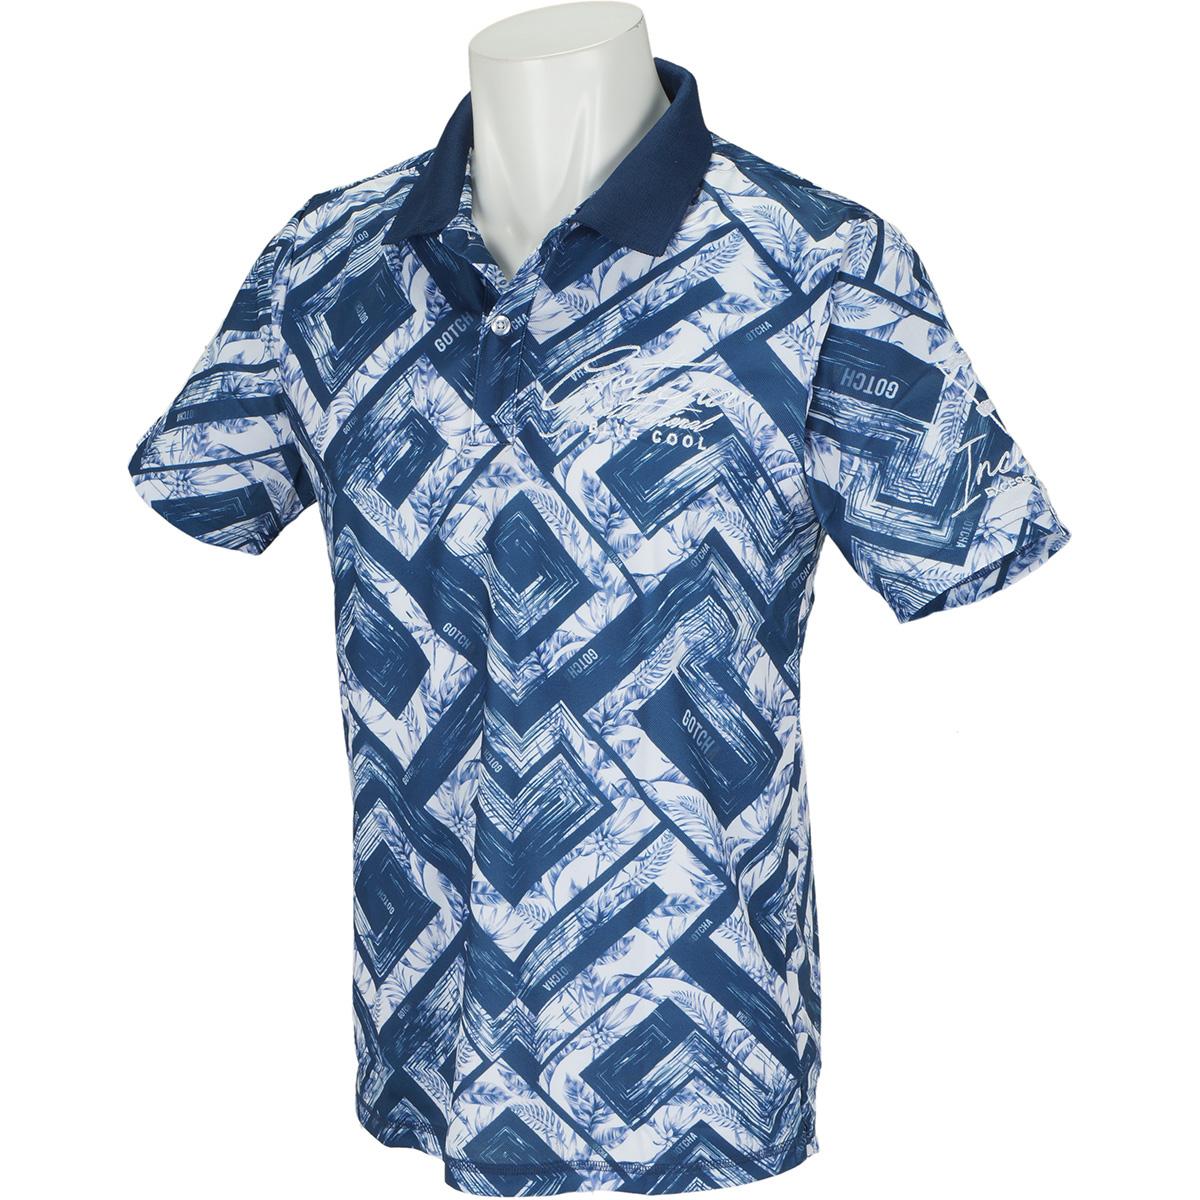 幾何学柄MIXボタニカルDRY 半袖ポロシャツ